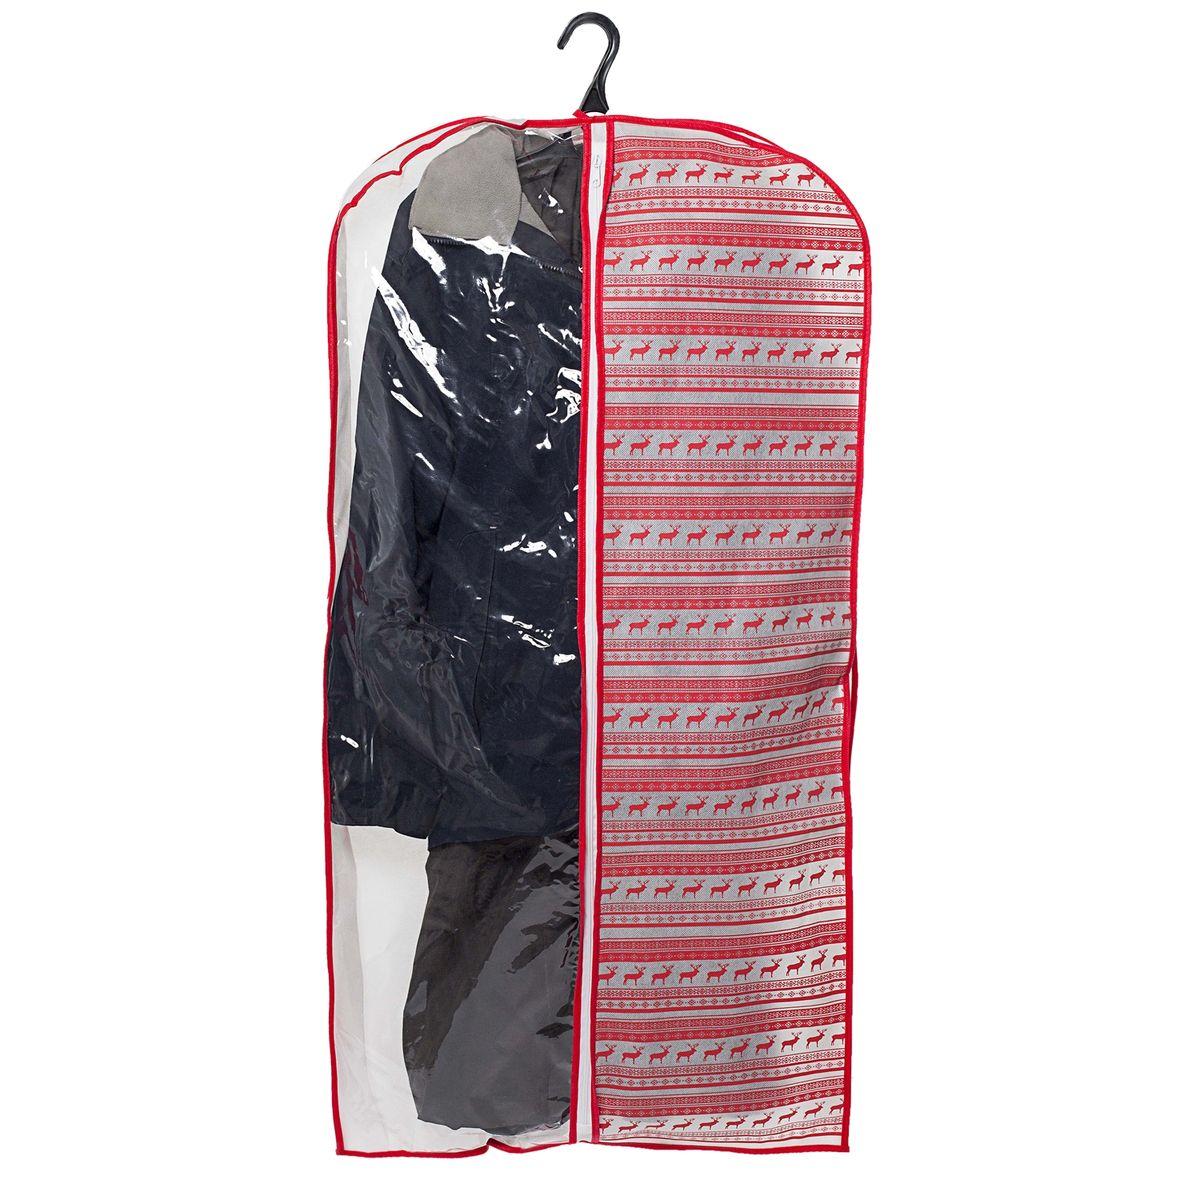 """Фото Чехол для одежды Homsu """"Scandinavia"""", подвесной, с прозрачной вставкой, 120 x 60 x 10 см. Купить  в РФ"""